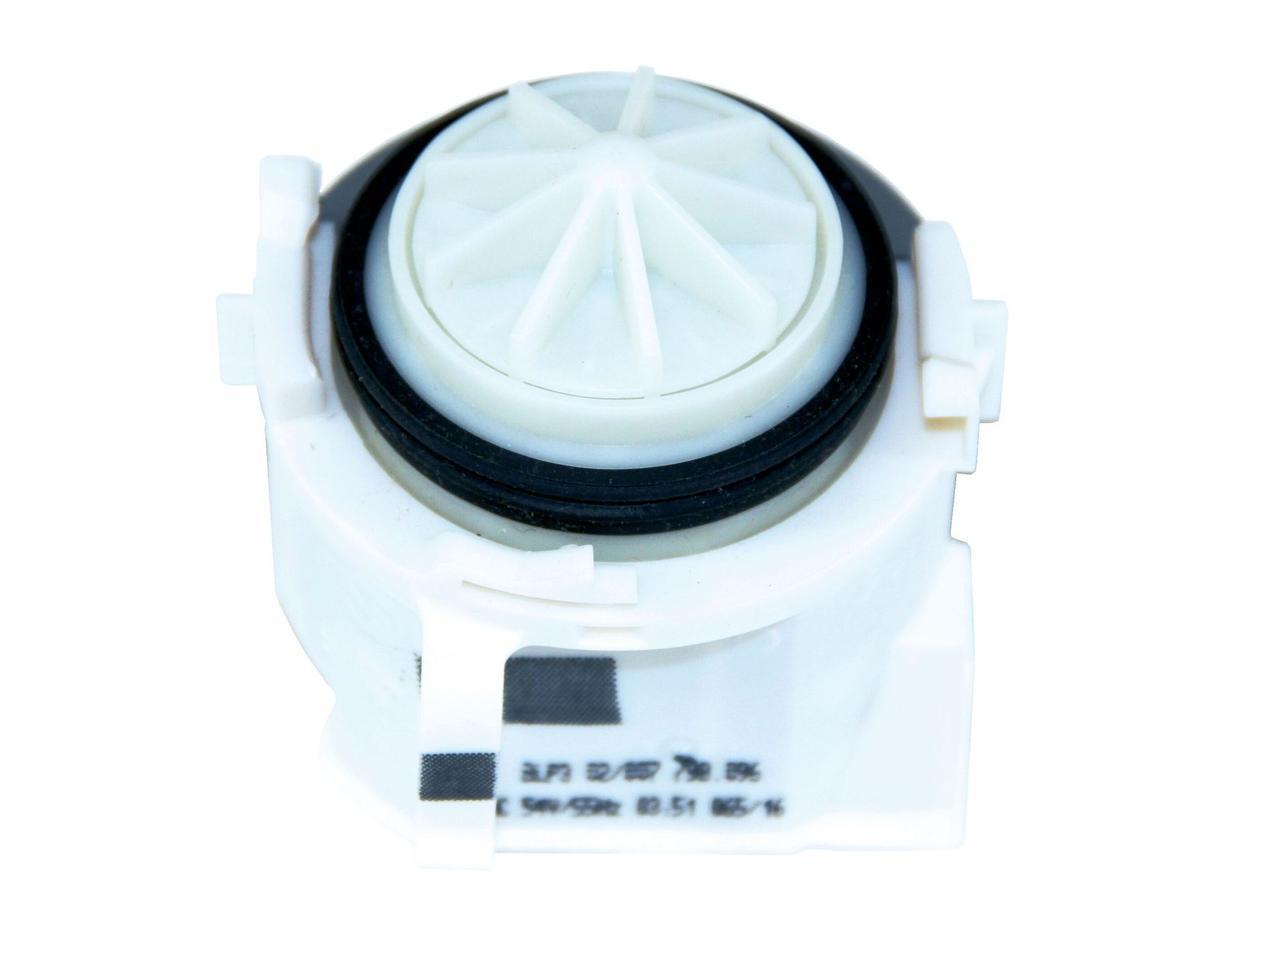 Насос сливной (помпа) для посудомоечной машины Bosch, Siemens 00631200